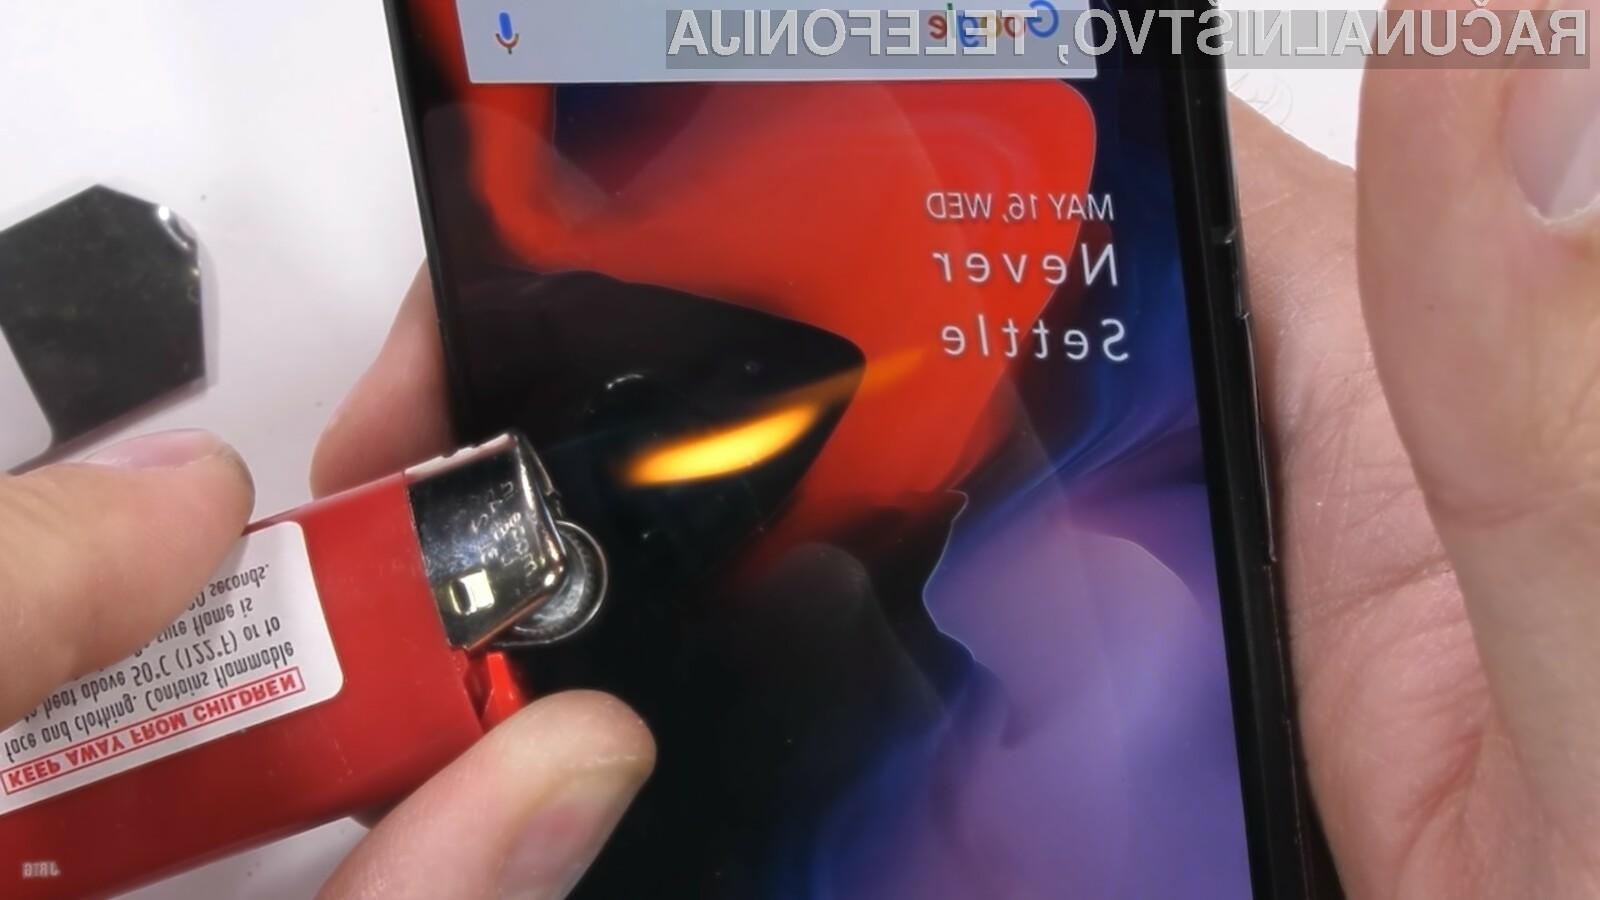 Kako se je OnePlus 6 obnesel na brutalnem preskusu odpornosti?